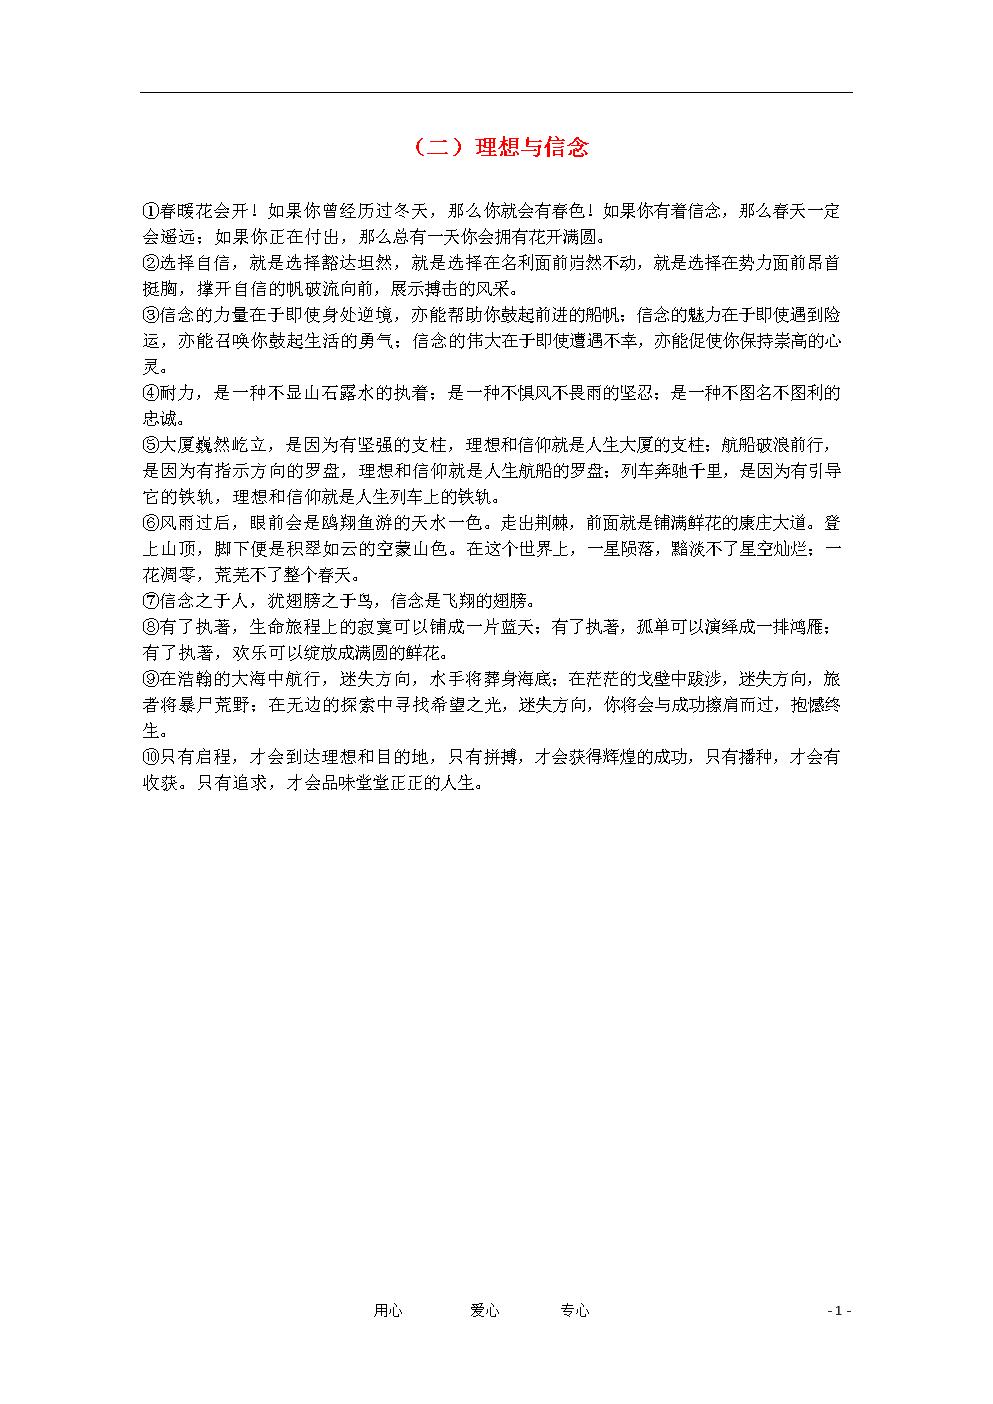 段 二 理想与信念素材.doc图片